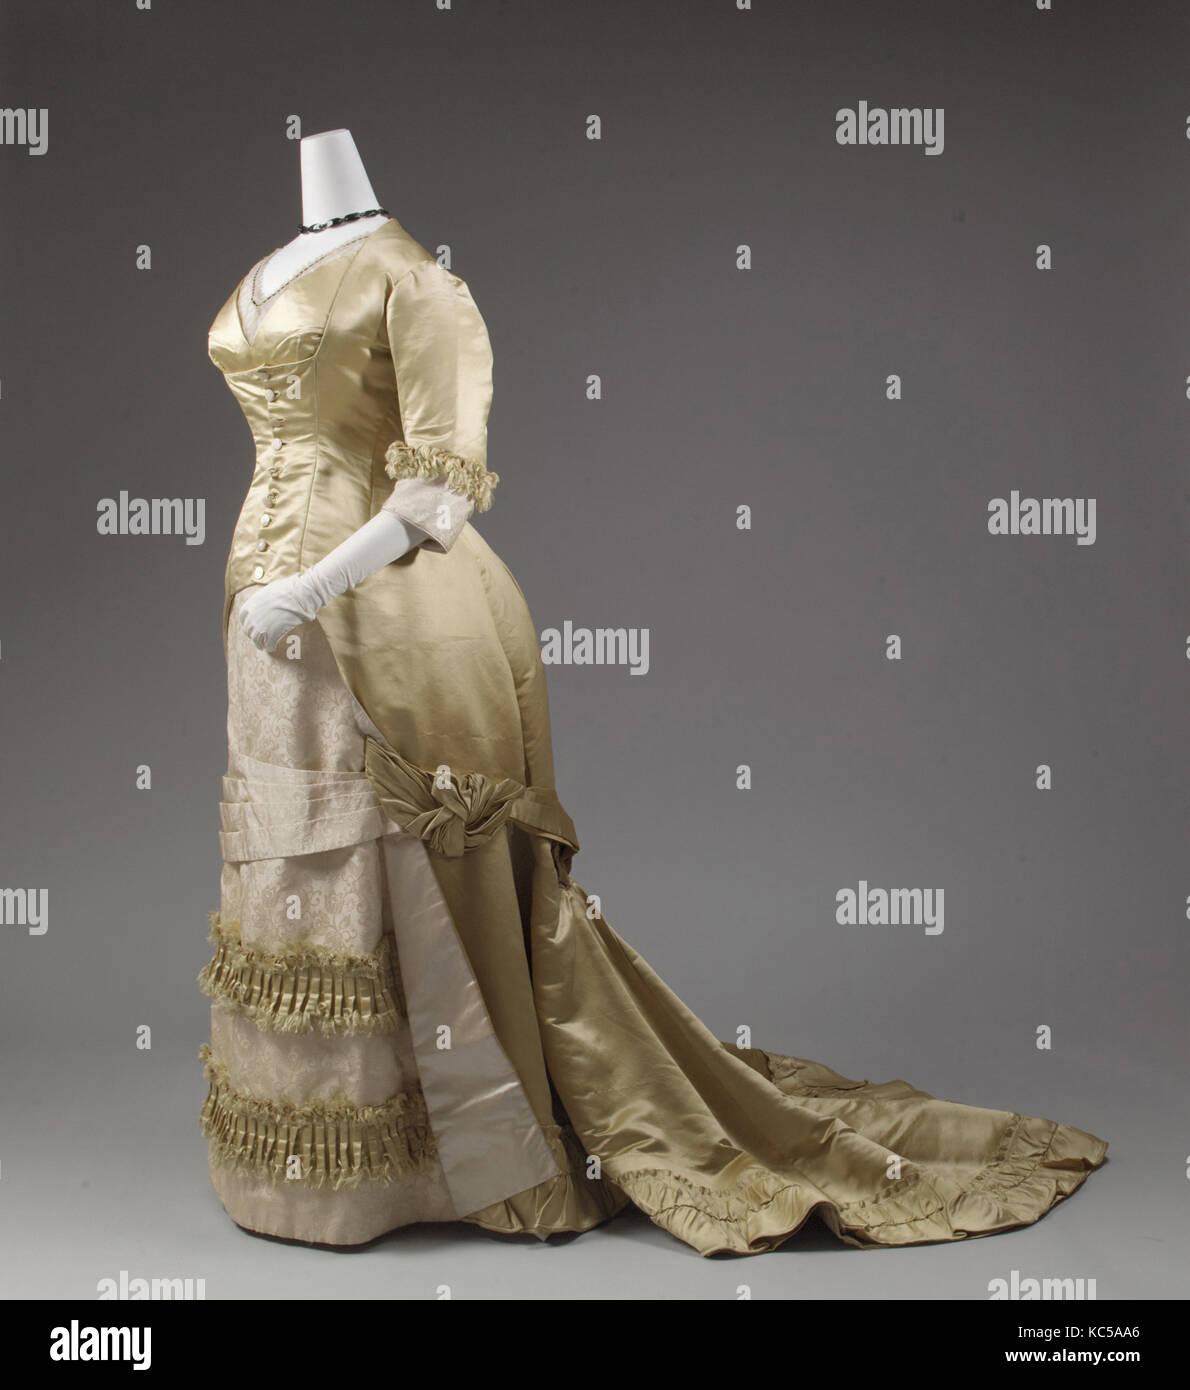 Robe de soirée, 1877-82, Européen, soie, avec couture mécanisée devenir omniprésente, ainsi Photo Stock